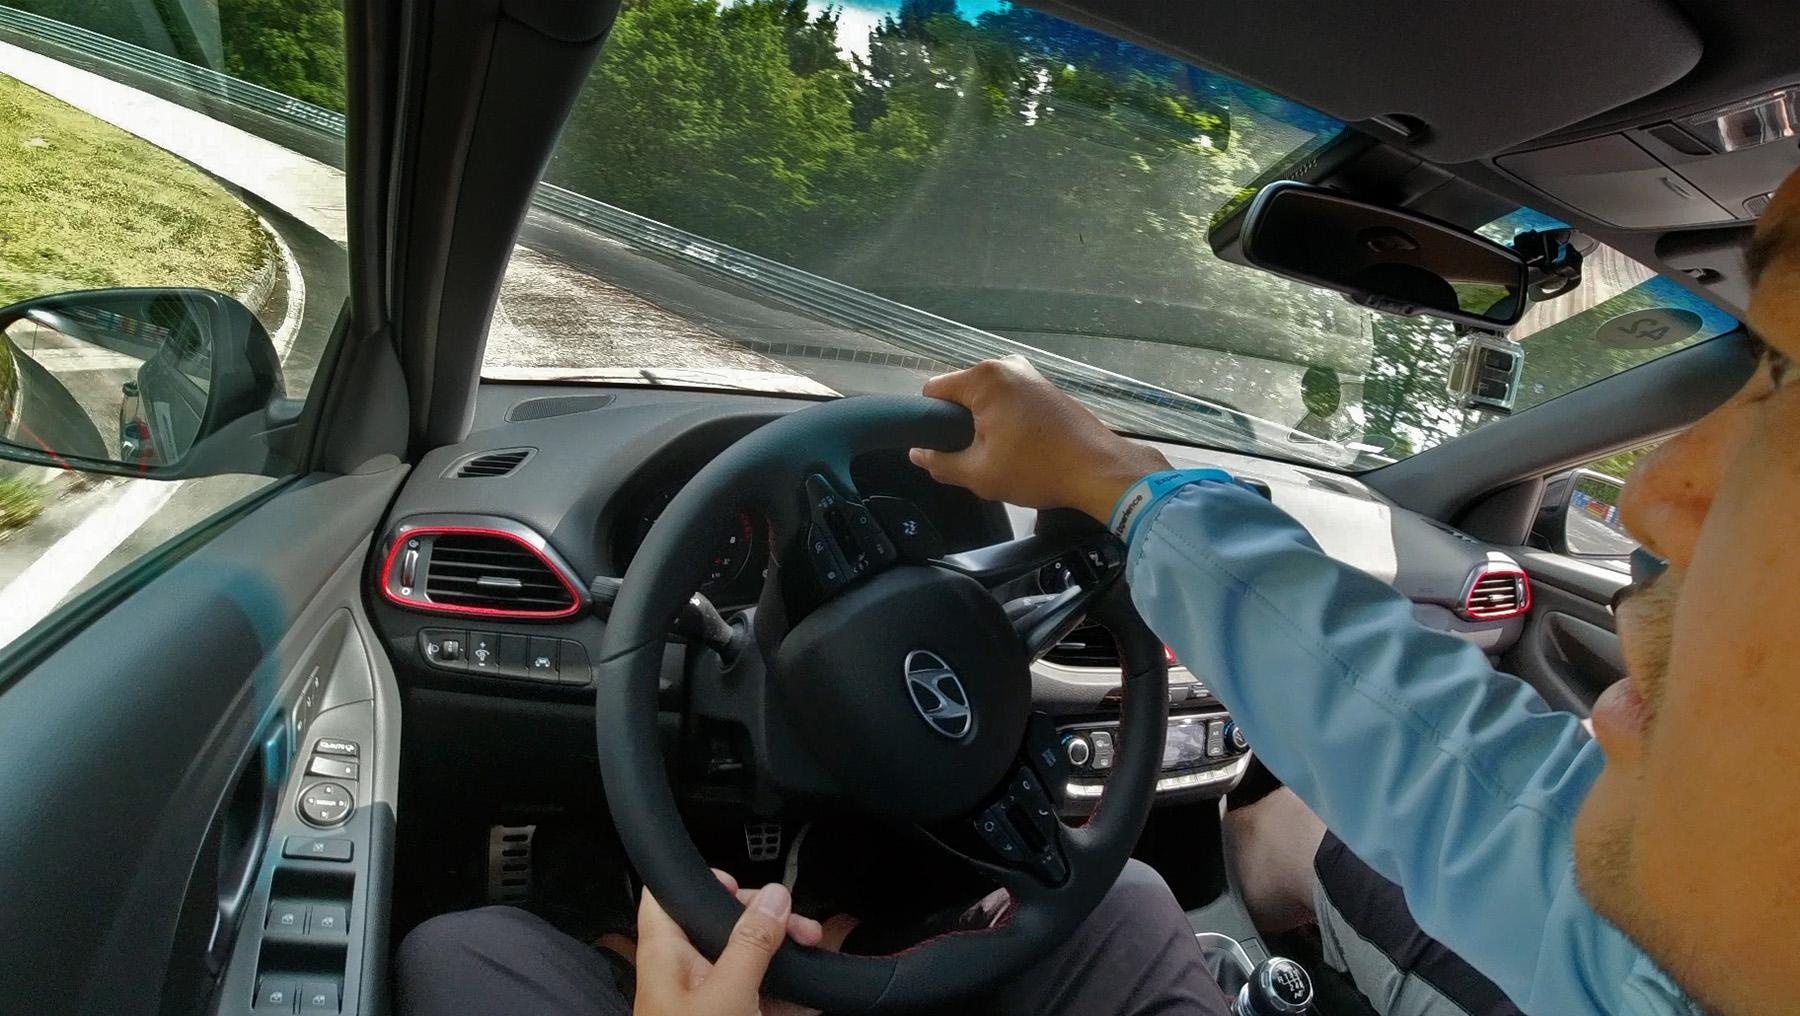 N Corso Antonio Driving Nurburgring Karussell